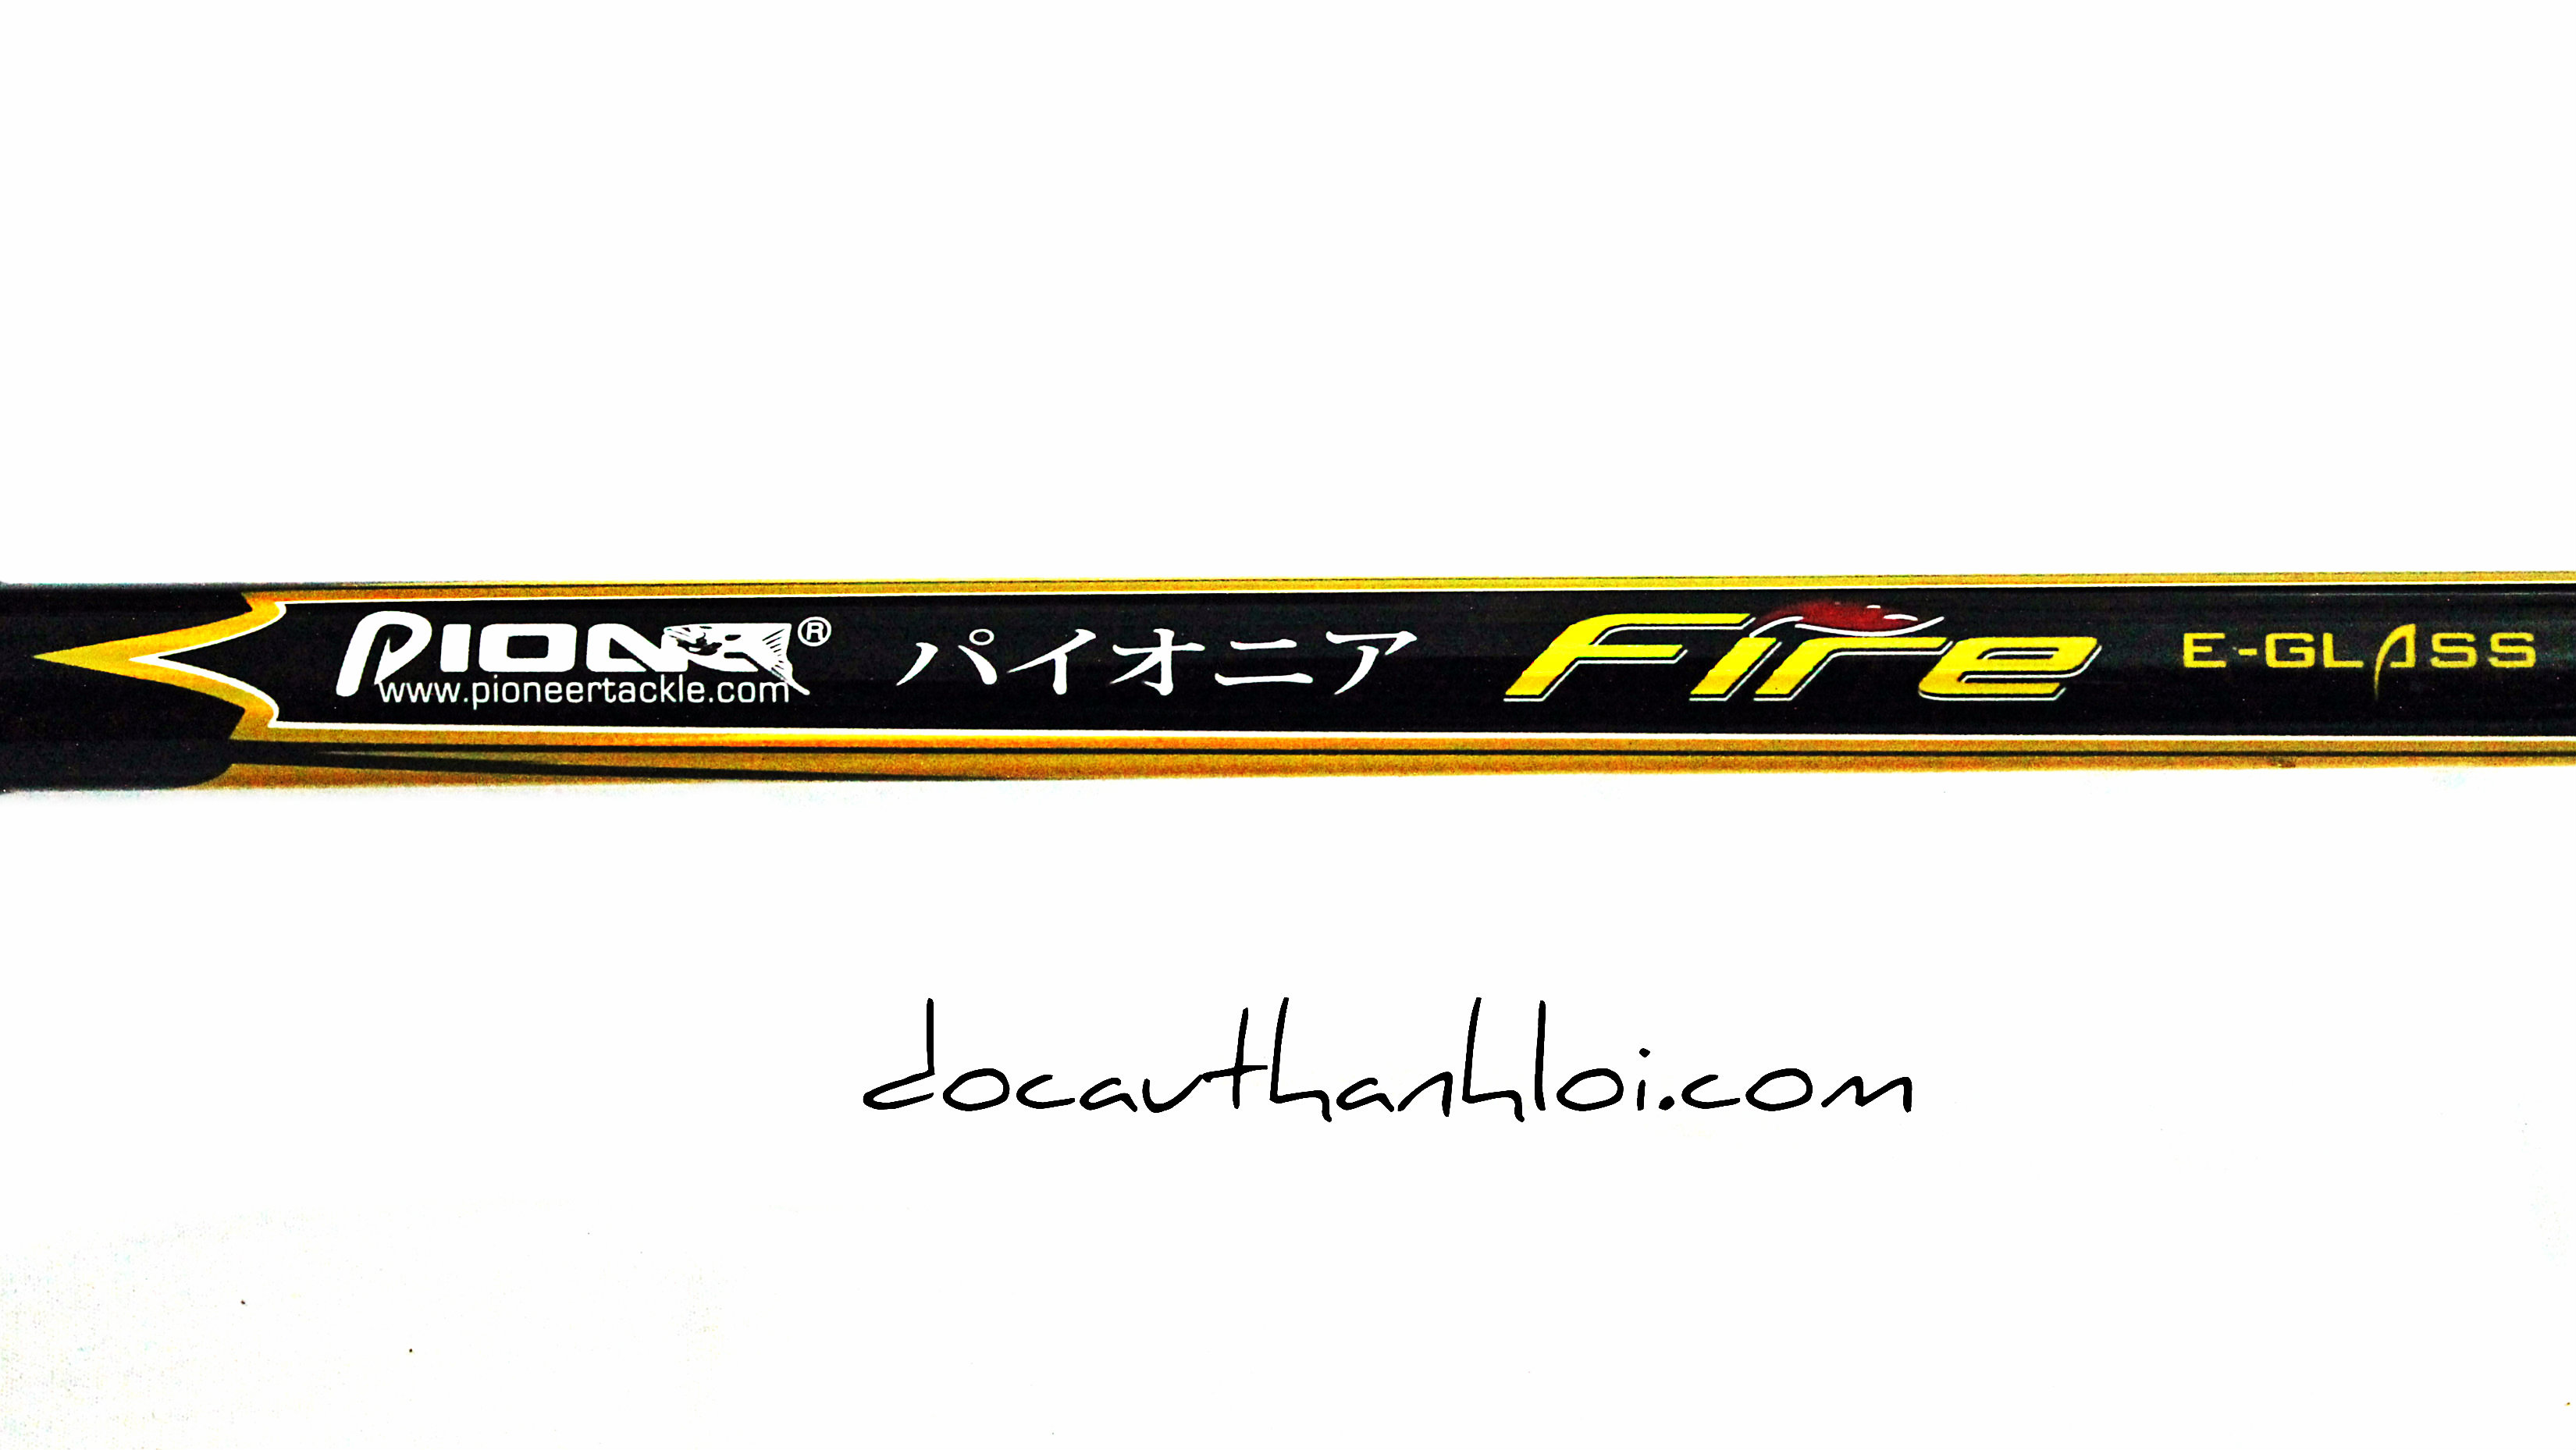 CẦN PIONEER FIRE